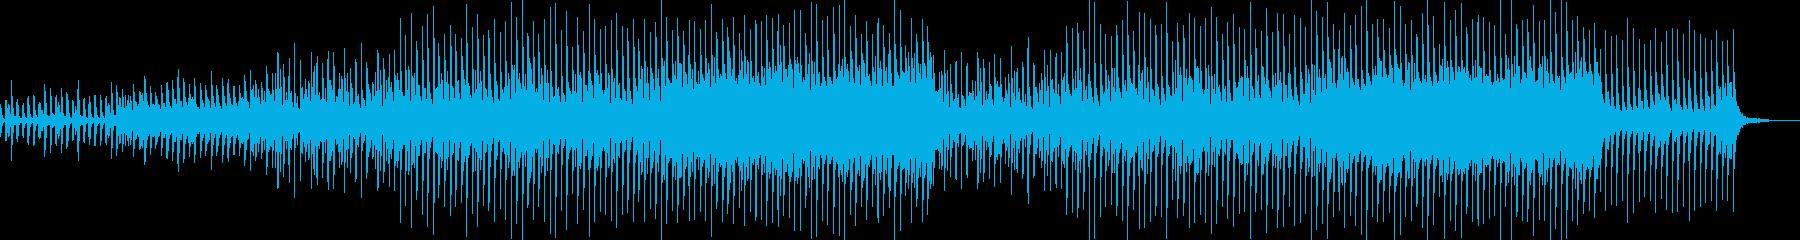 カエルが行進するような軽快ポップスBGMの再生済みの波形